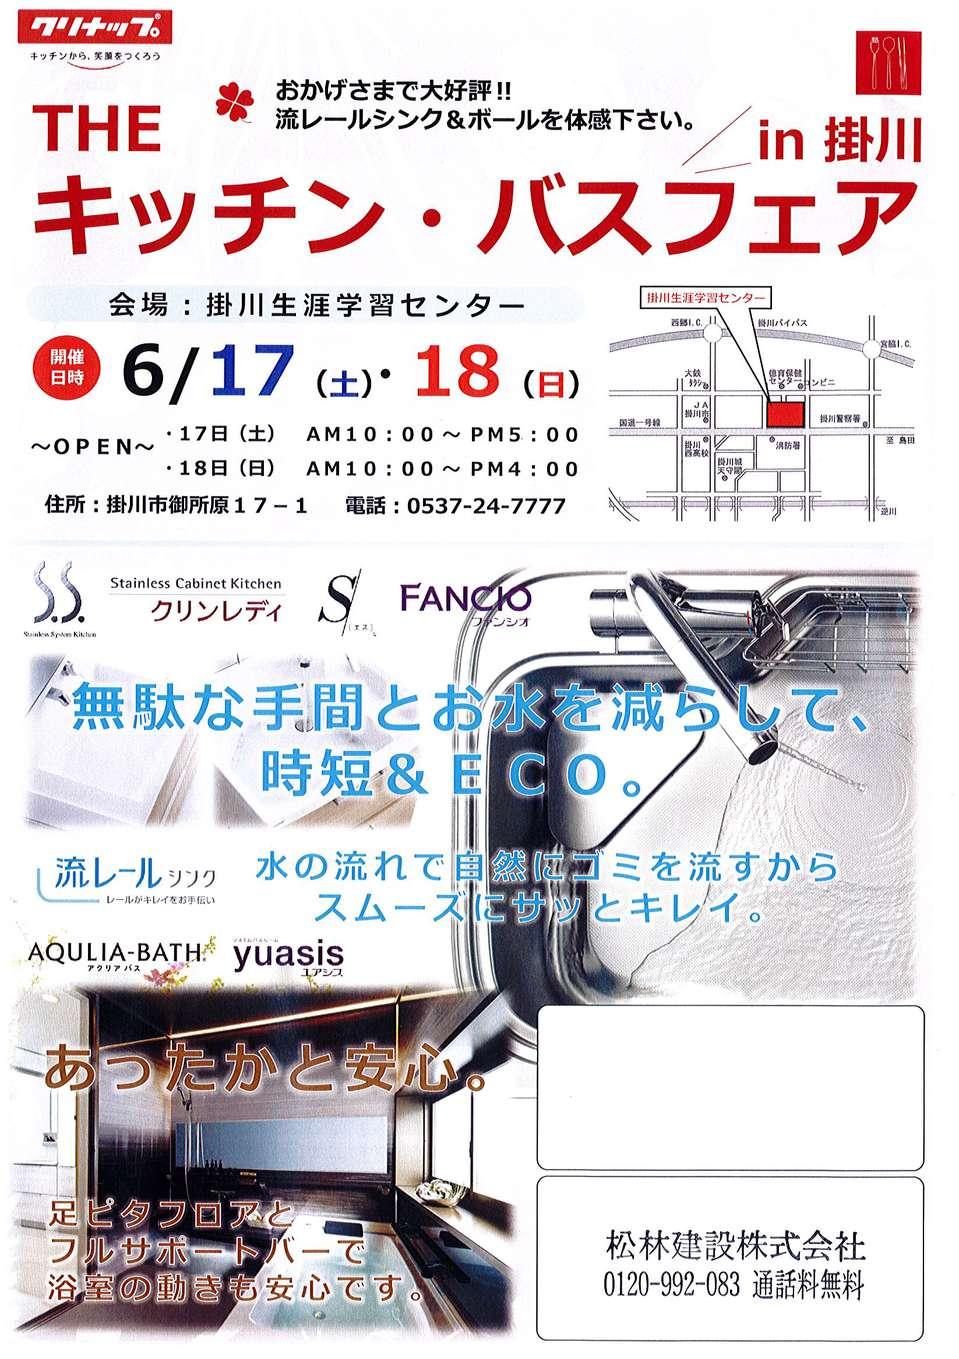 20170601 (1).jpg